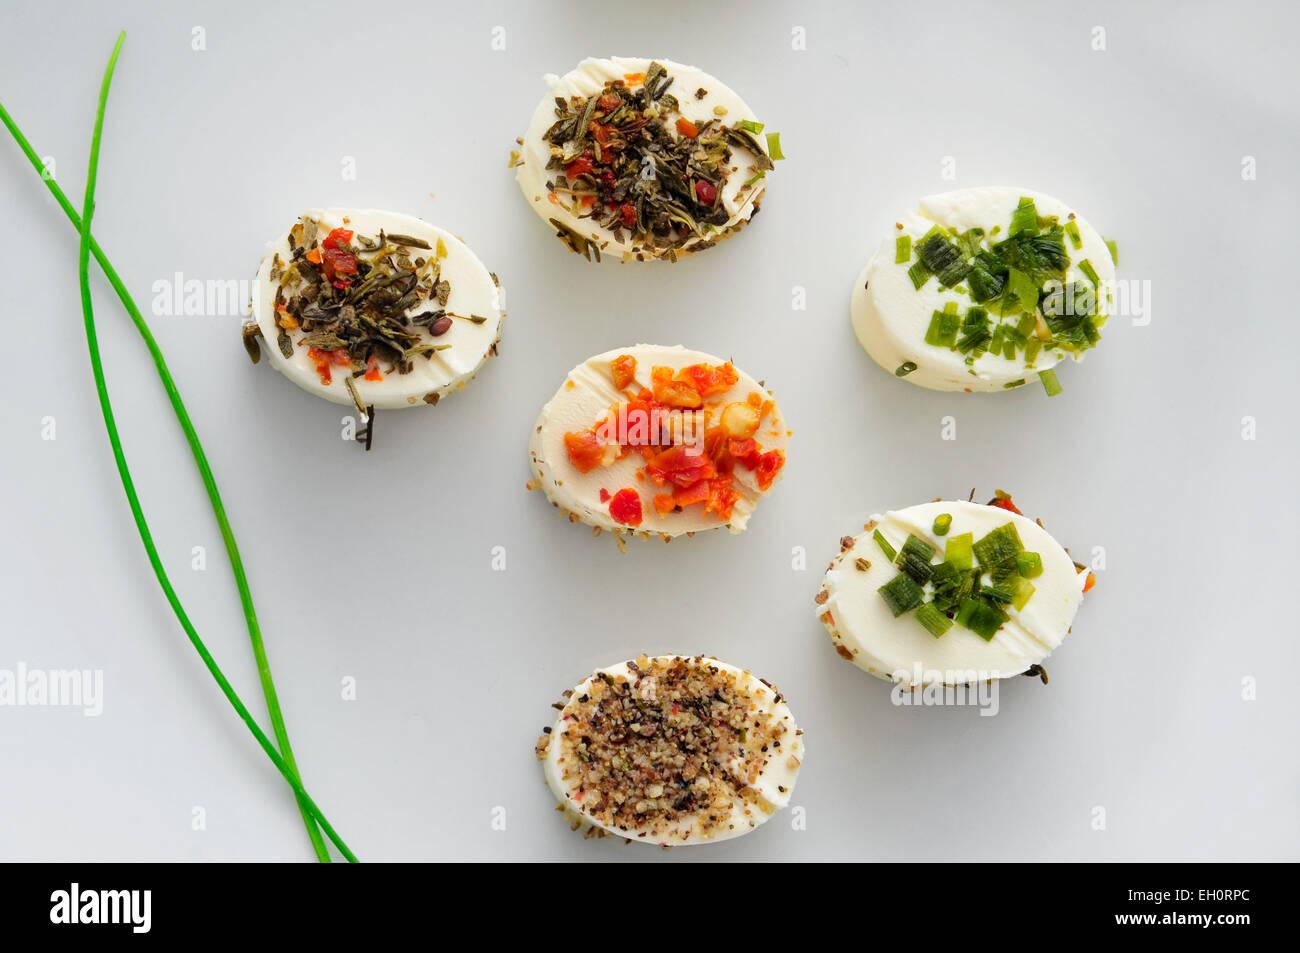 Une assiette avec quelques canapés différents, avec la crème de fromage et de différentes épices, Photo Stock